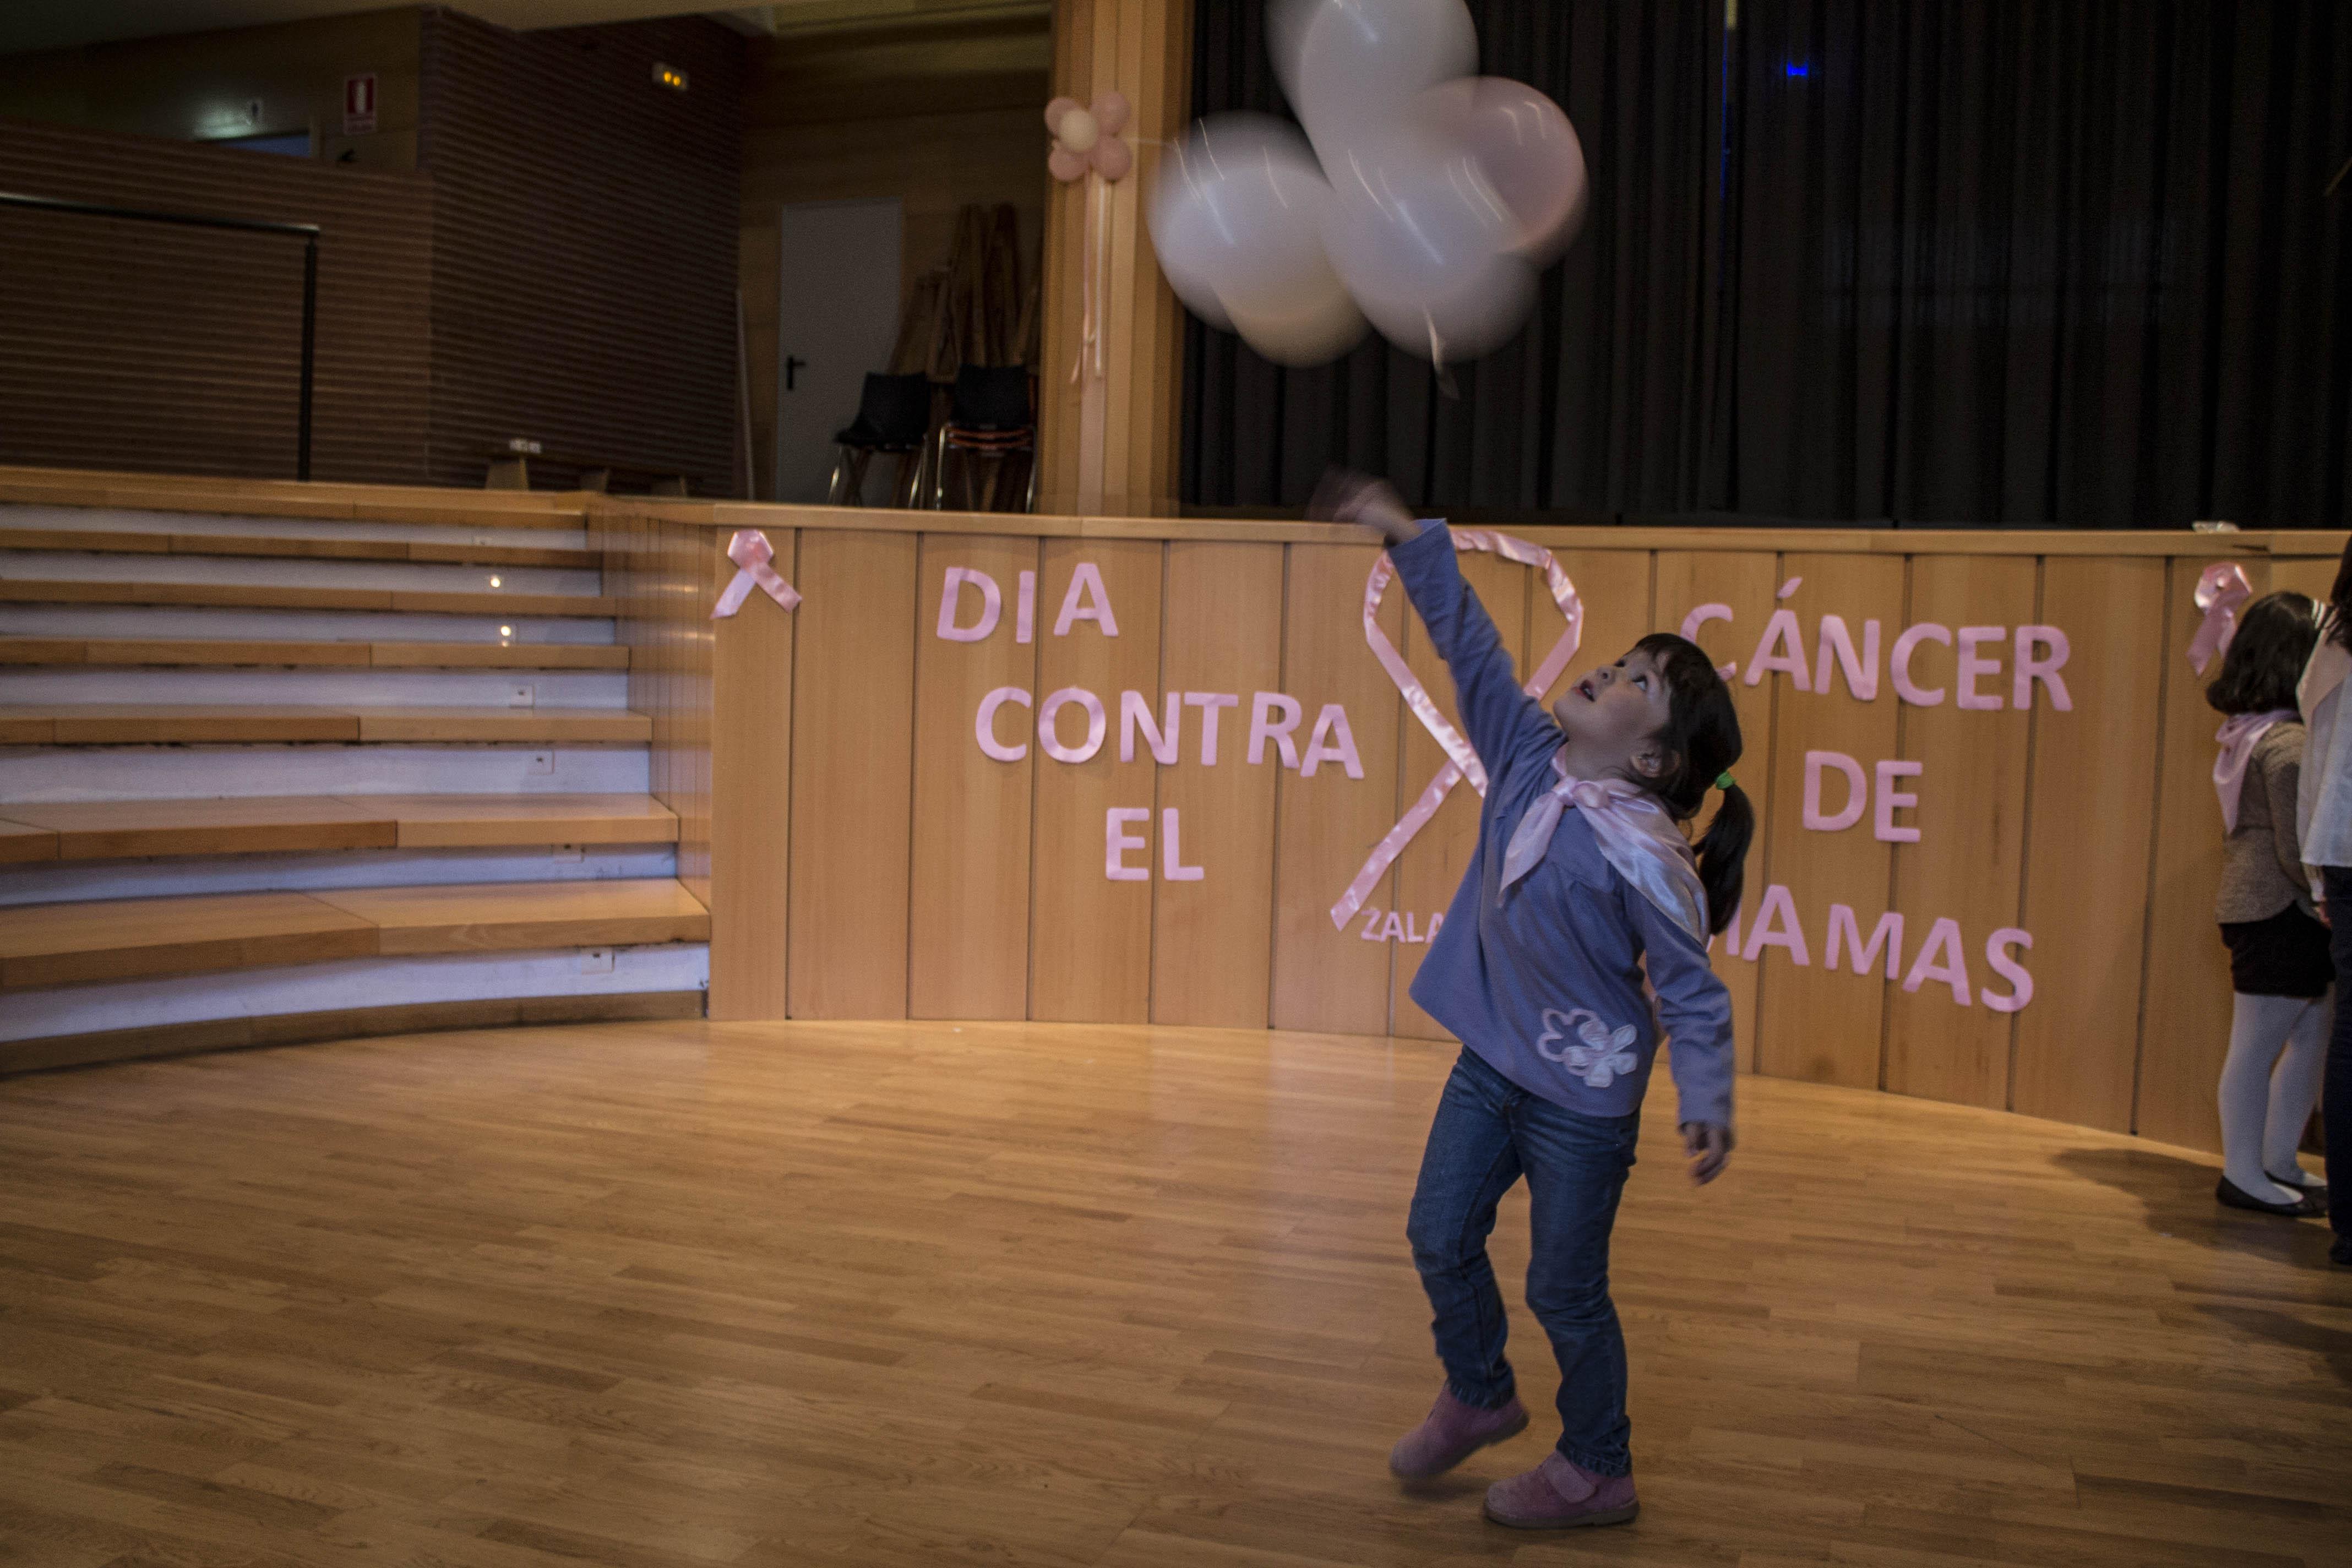 Actividades contra el cáncer de mama.